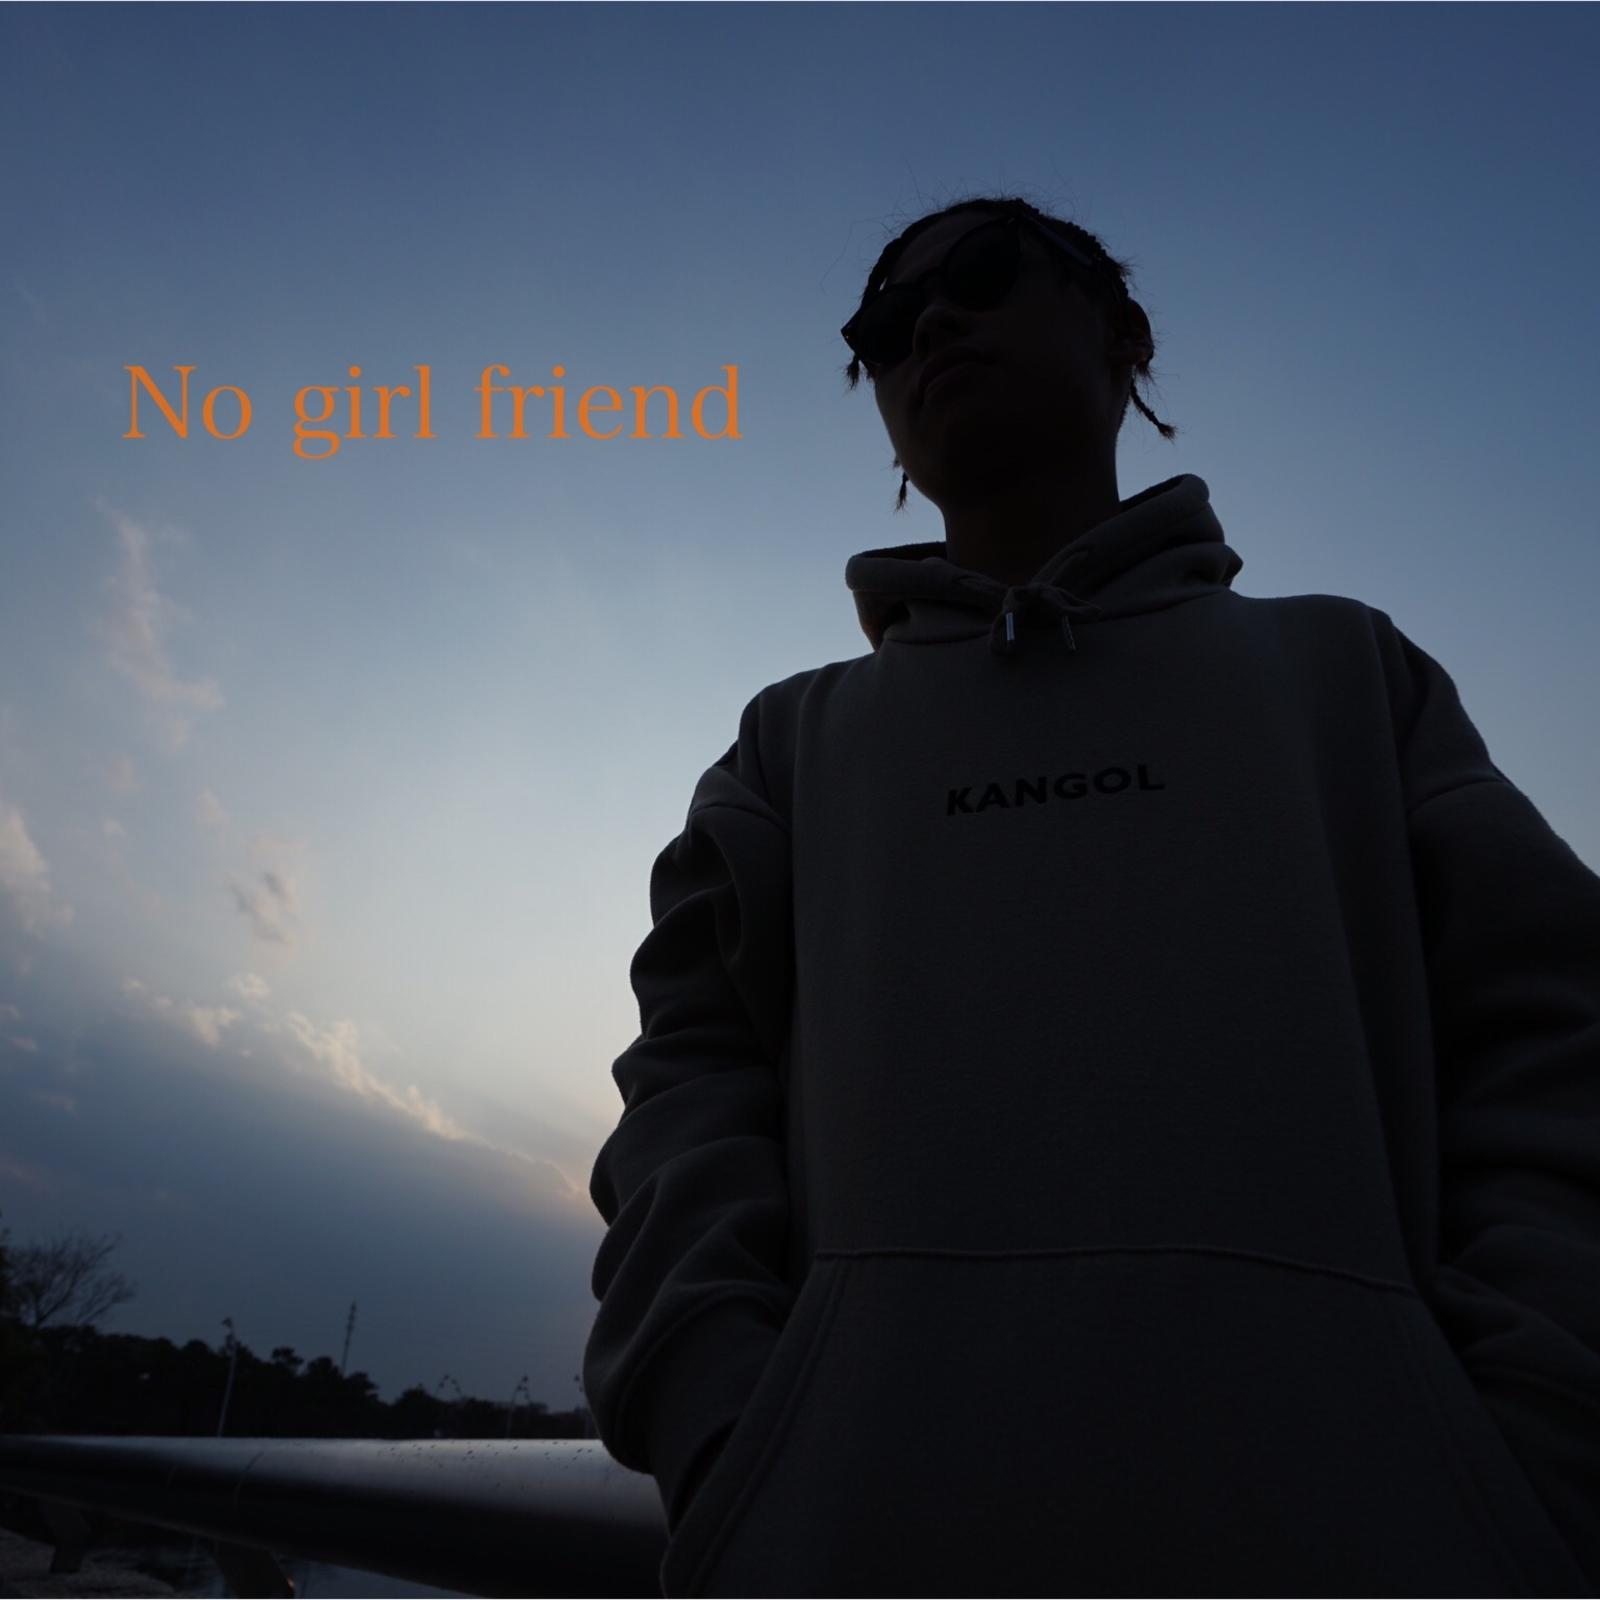 C03140e0183b7eb036fec0df550d84bd.jpeg?sr.dw=286&sr